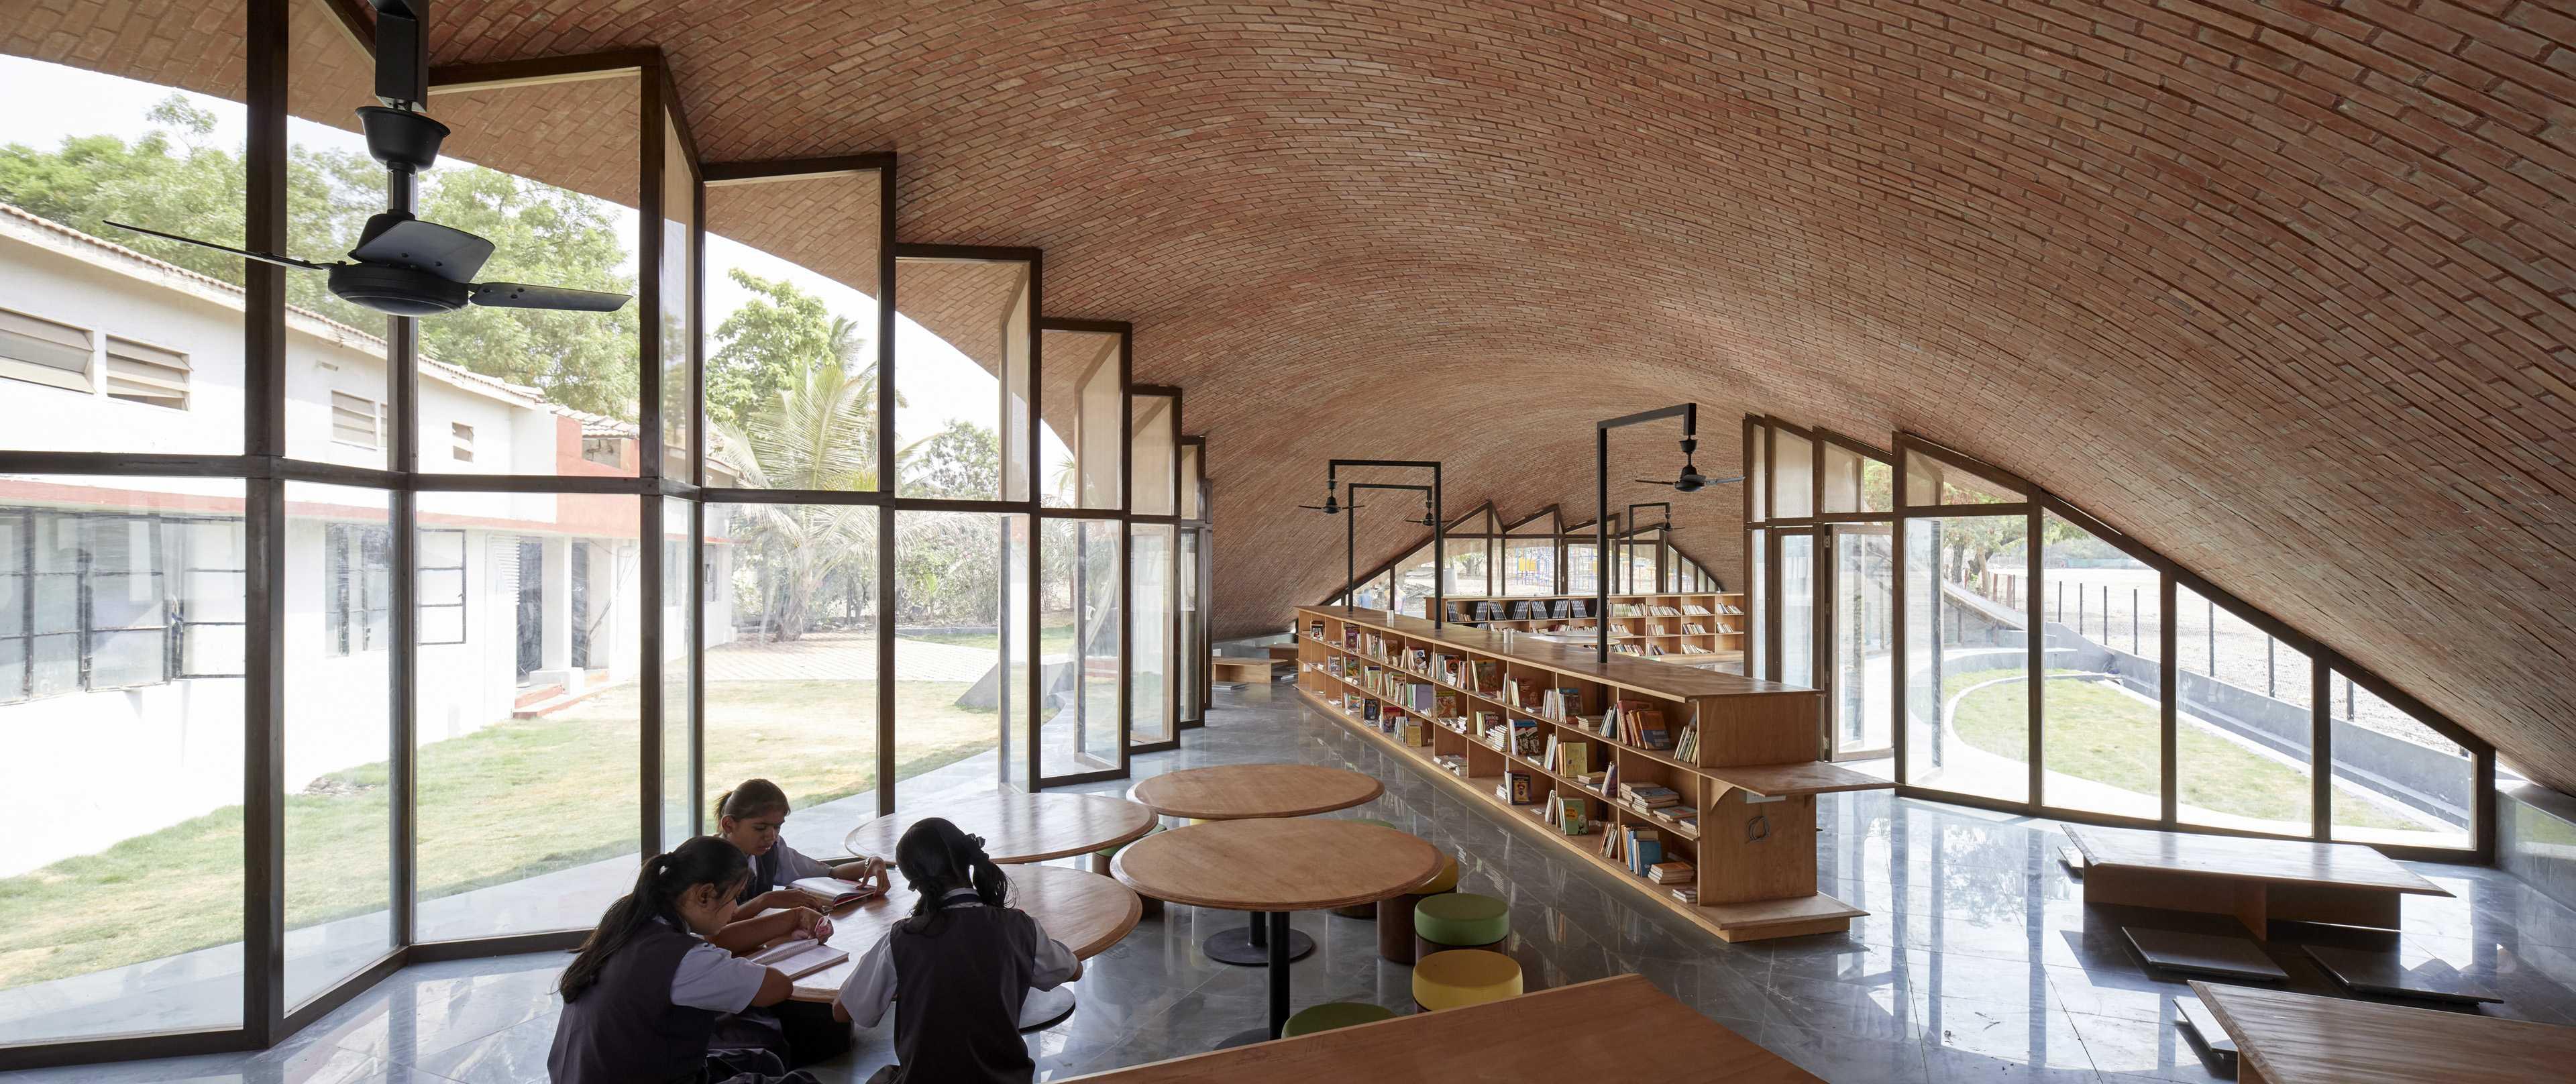 Maya Somaiya Library  - 16 99 49